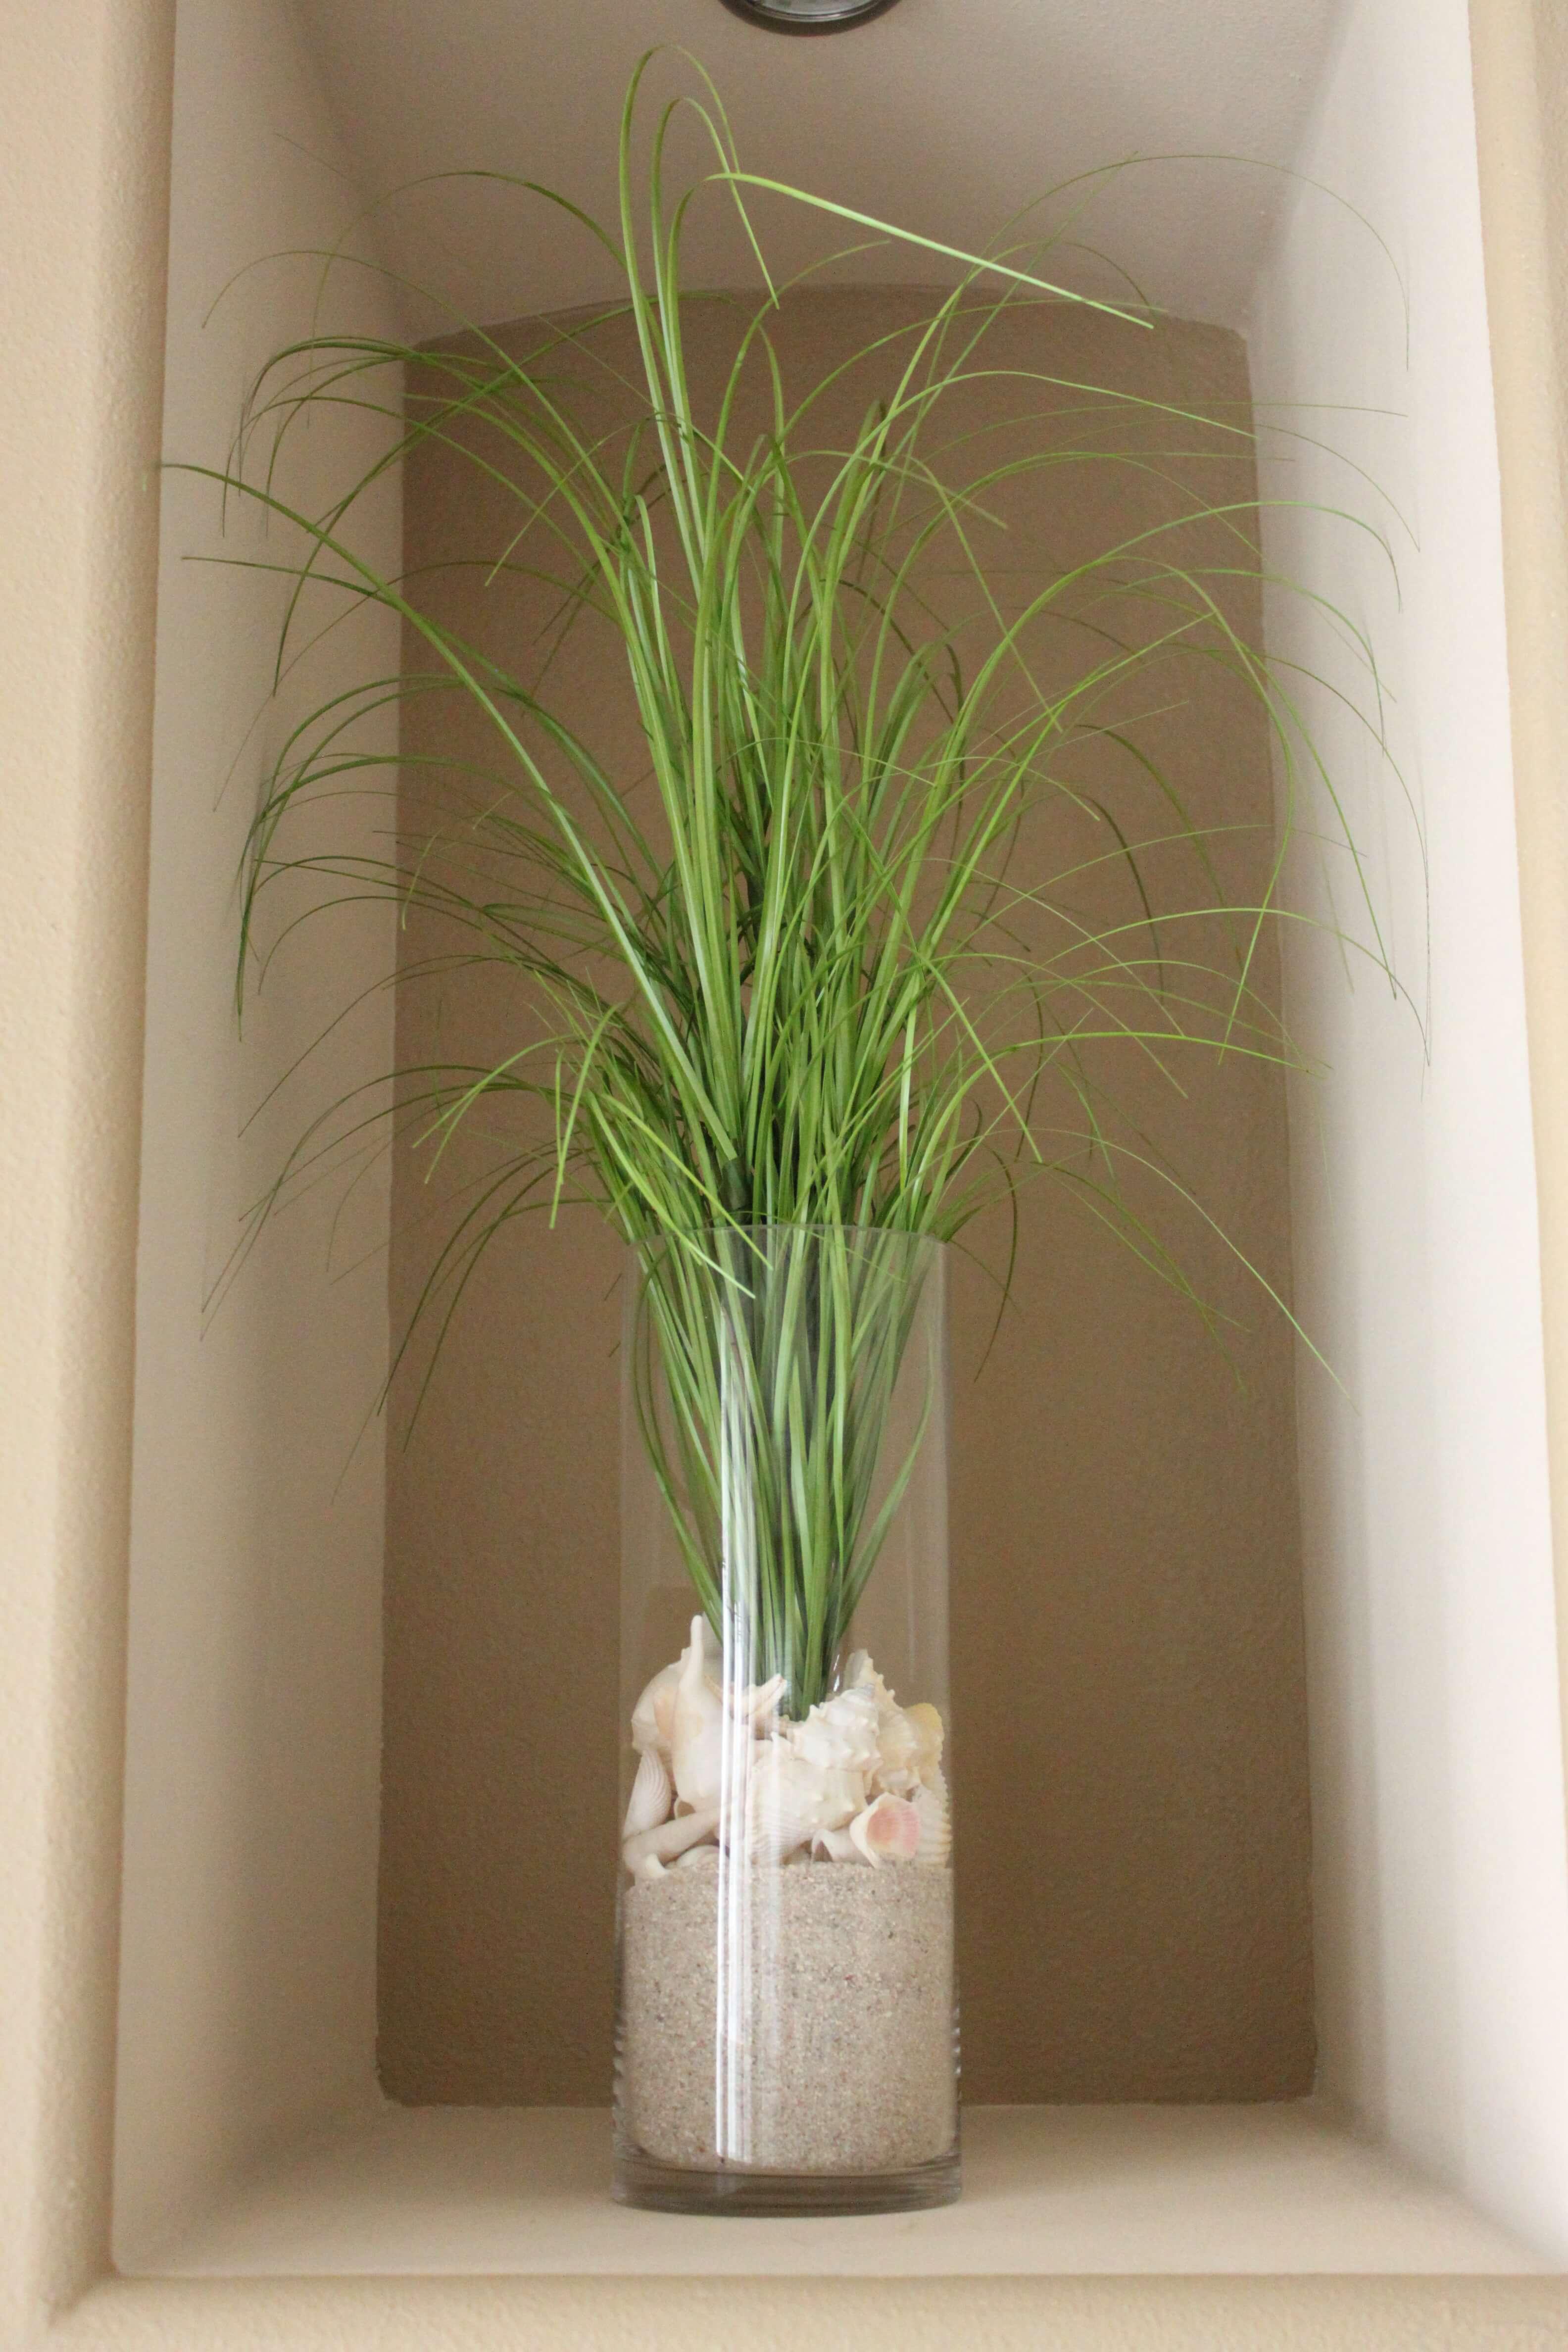 Végétation tropicale dans un magnifique vase sur le thème de la mer